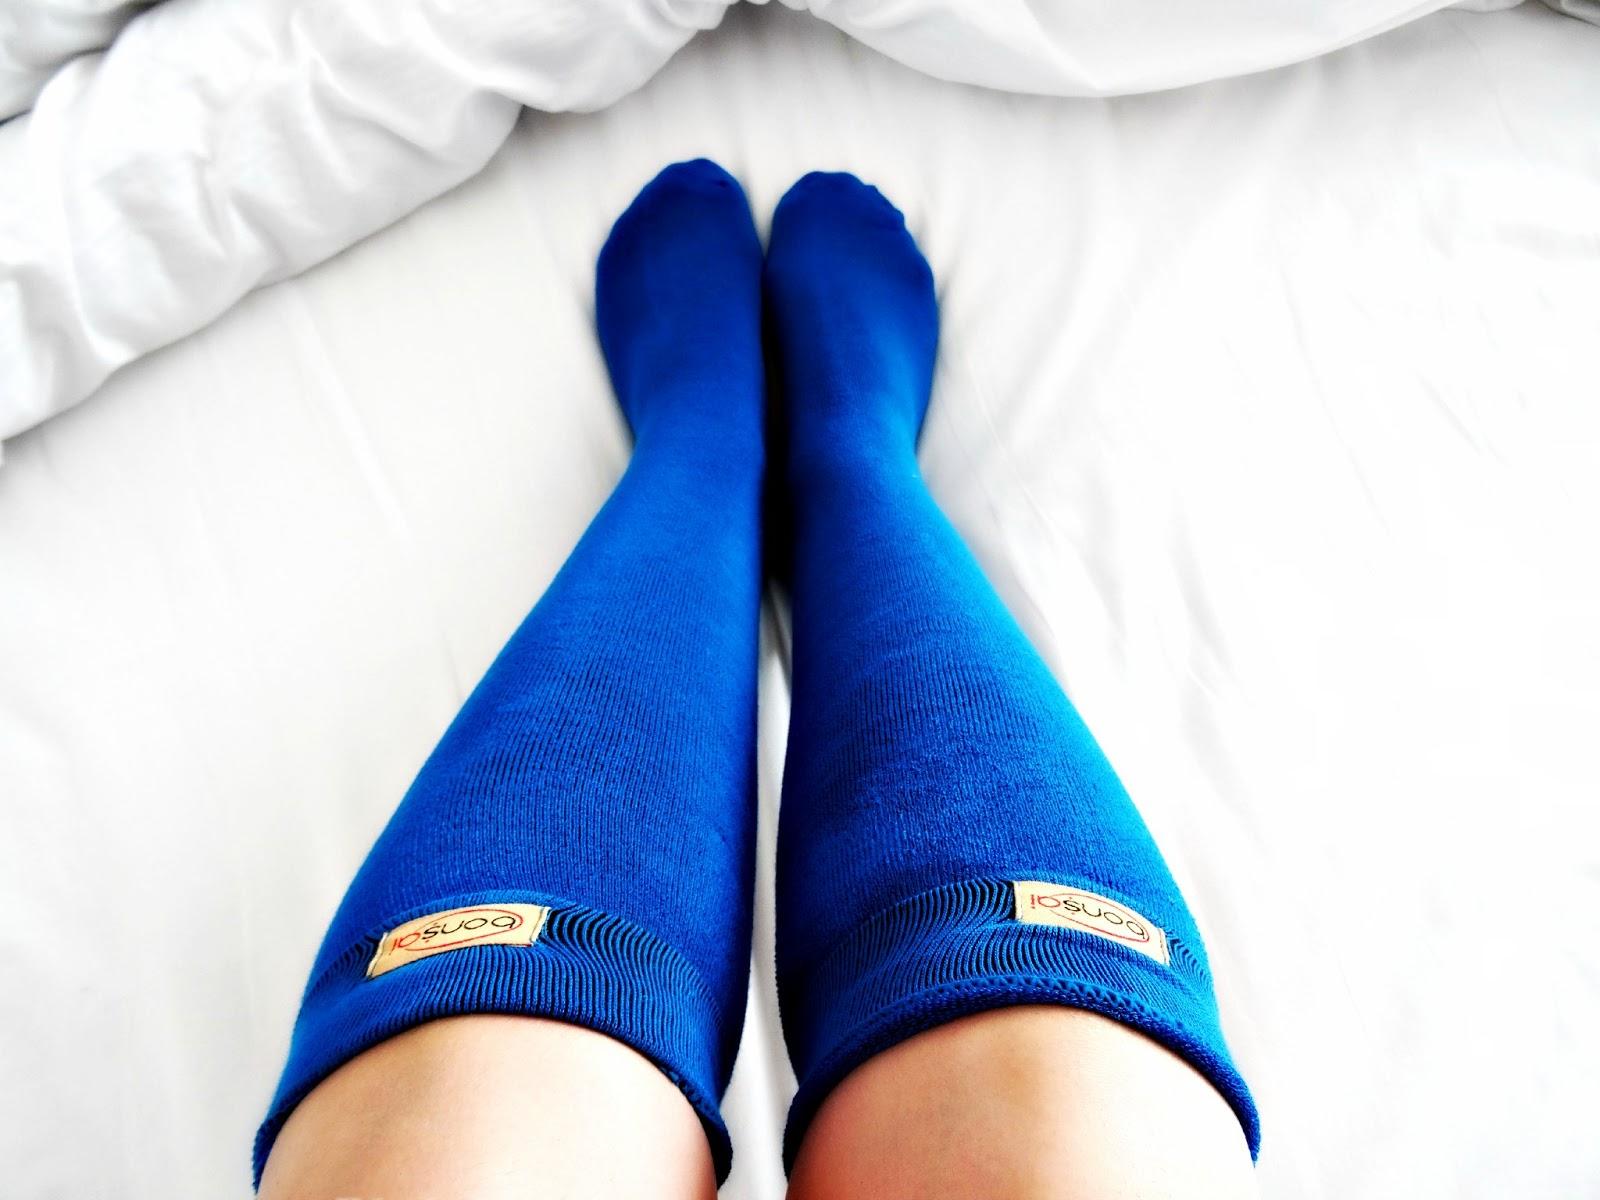 Bonsai Socks review